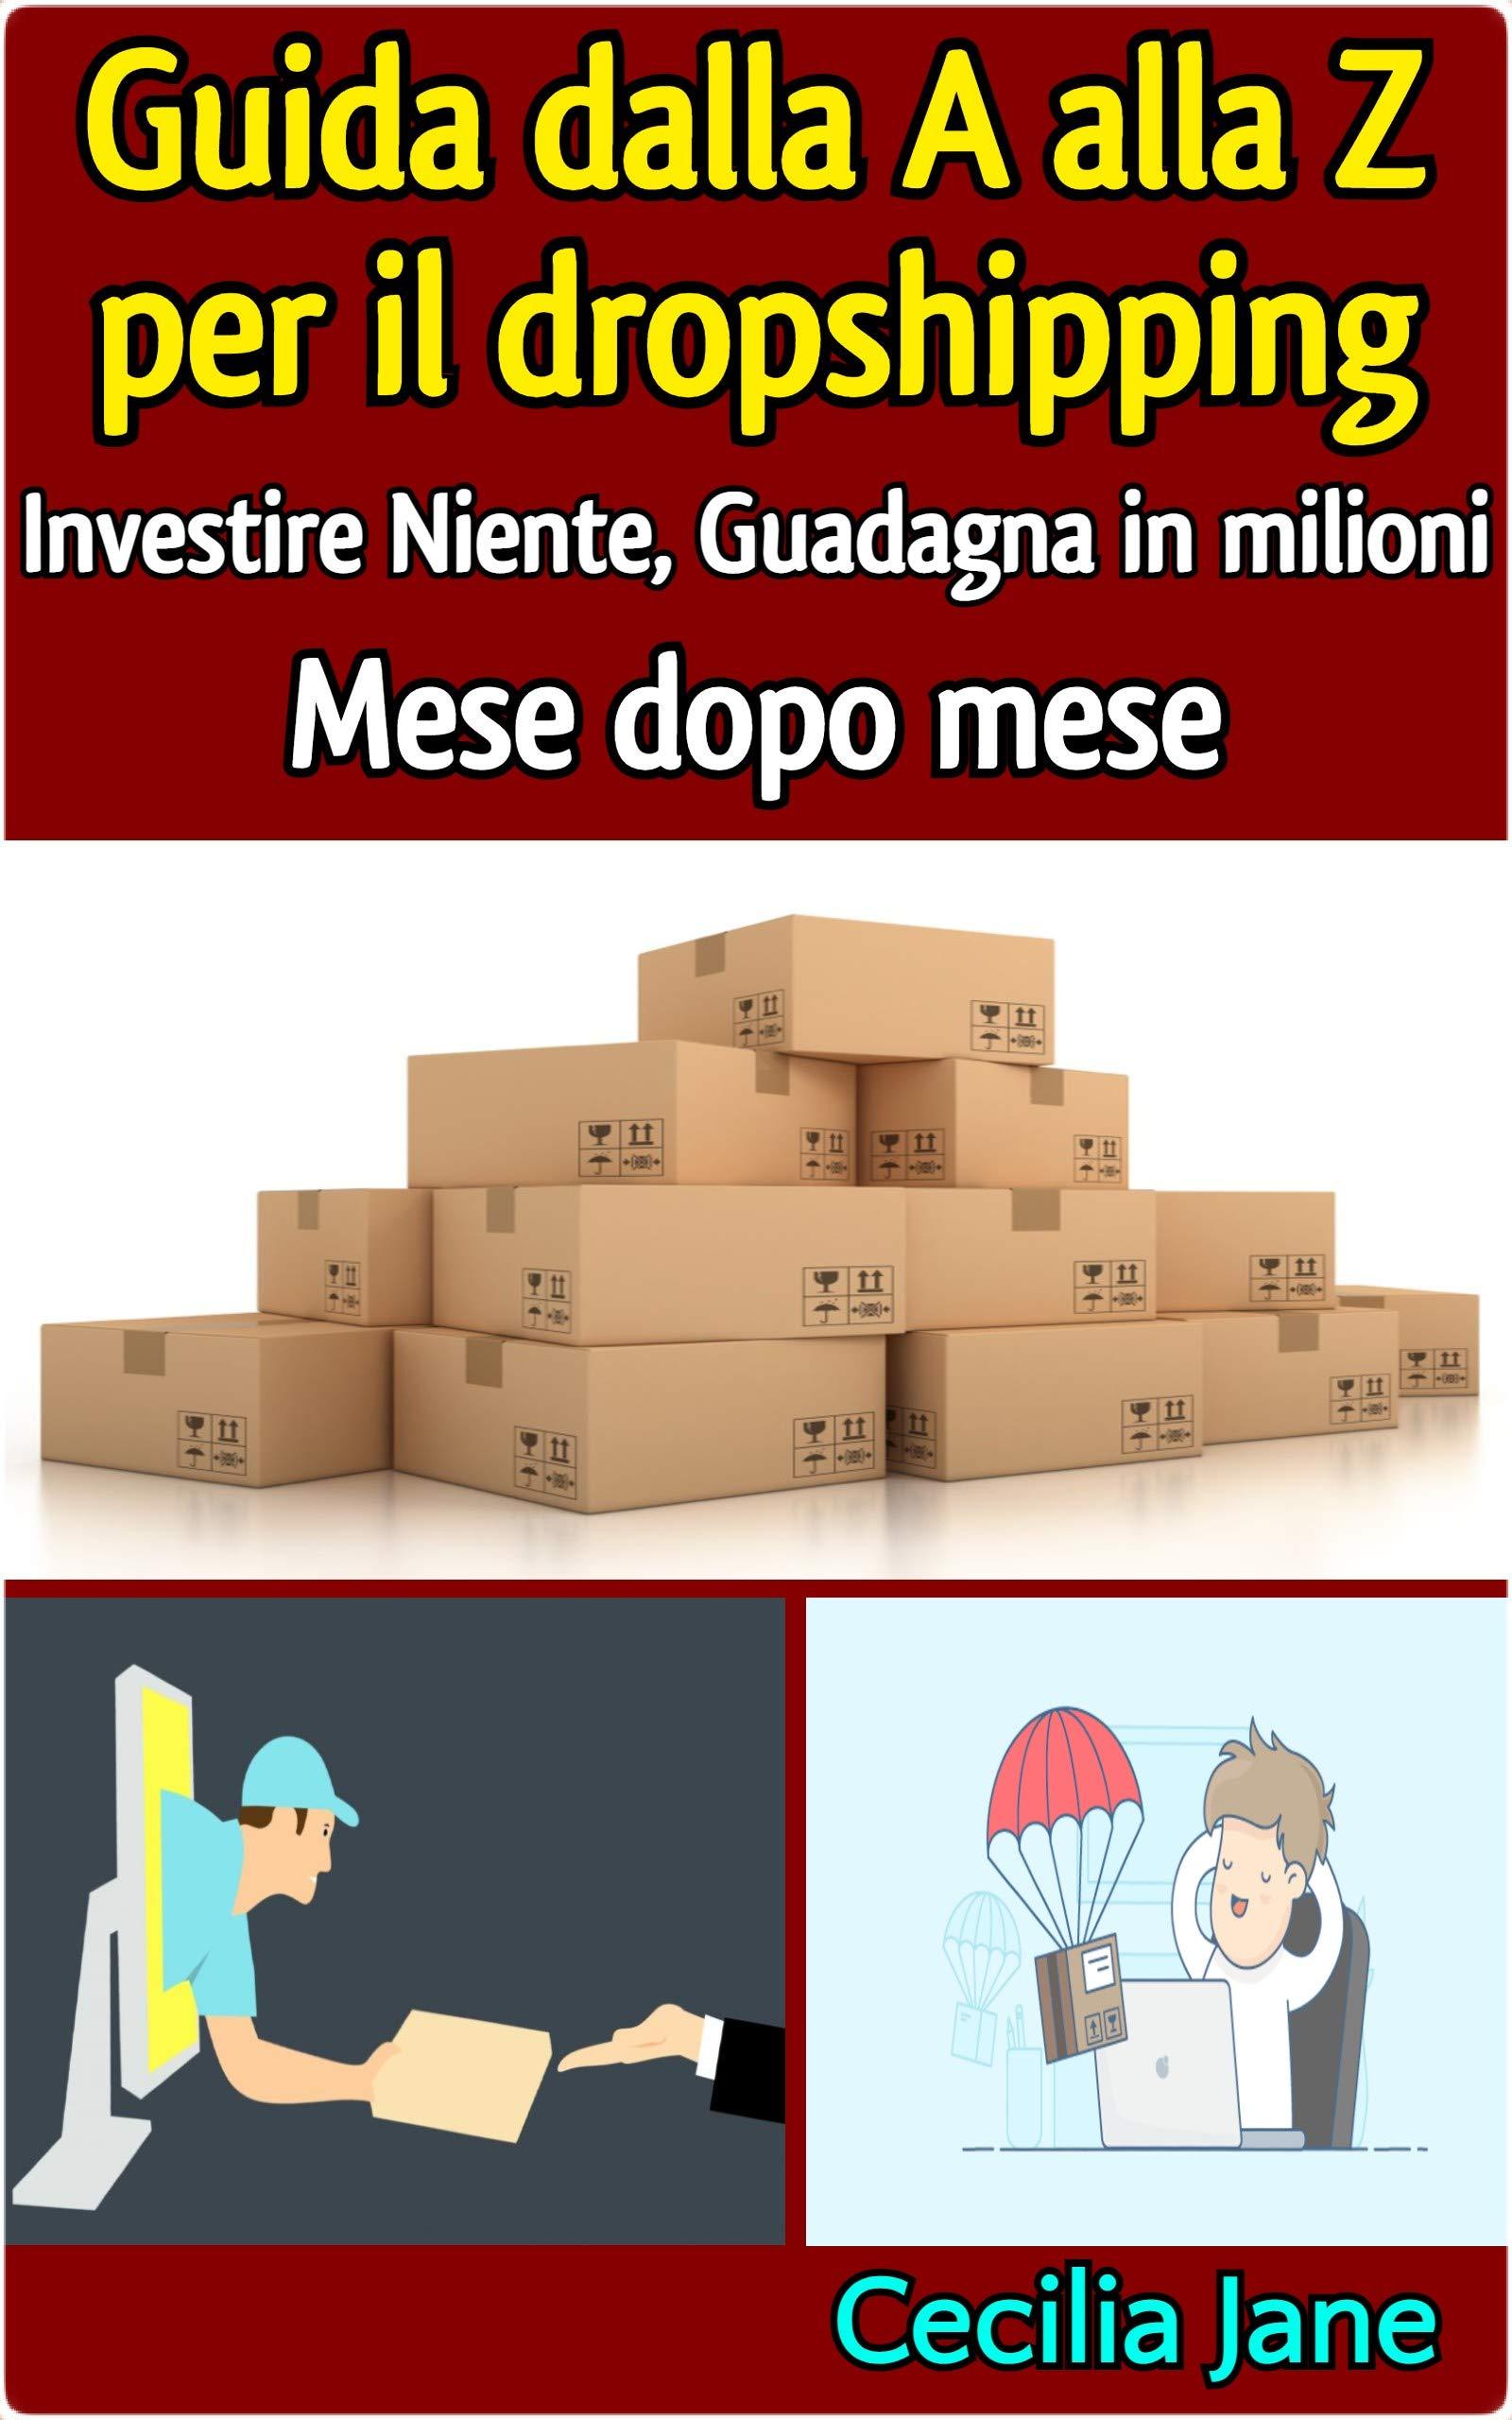 Guida dalla A alla Z per il dropshipping - Investire Niente, Guadagna in milioni Mese dopo mese (Italian Edition)